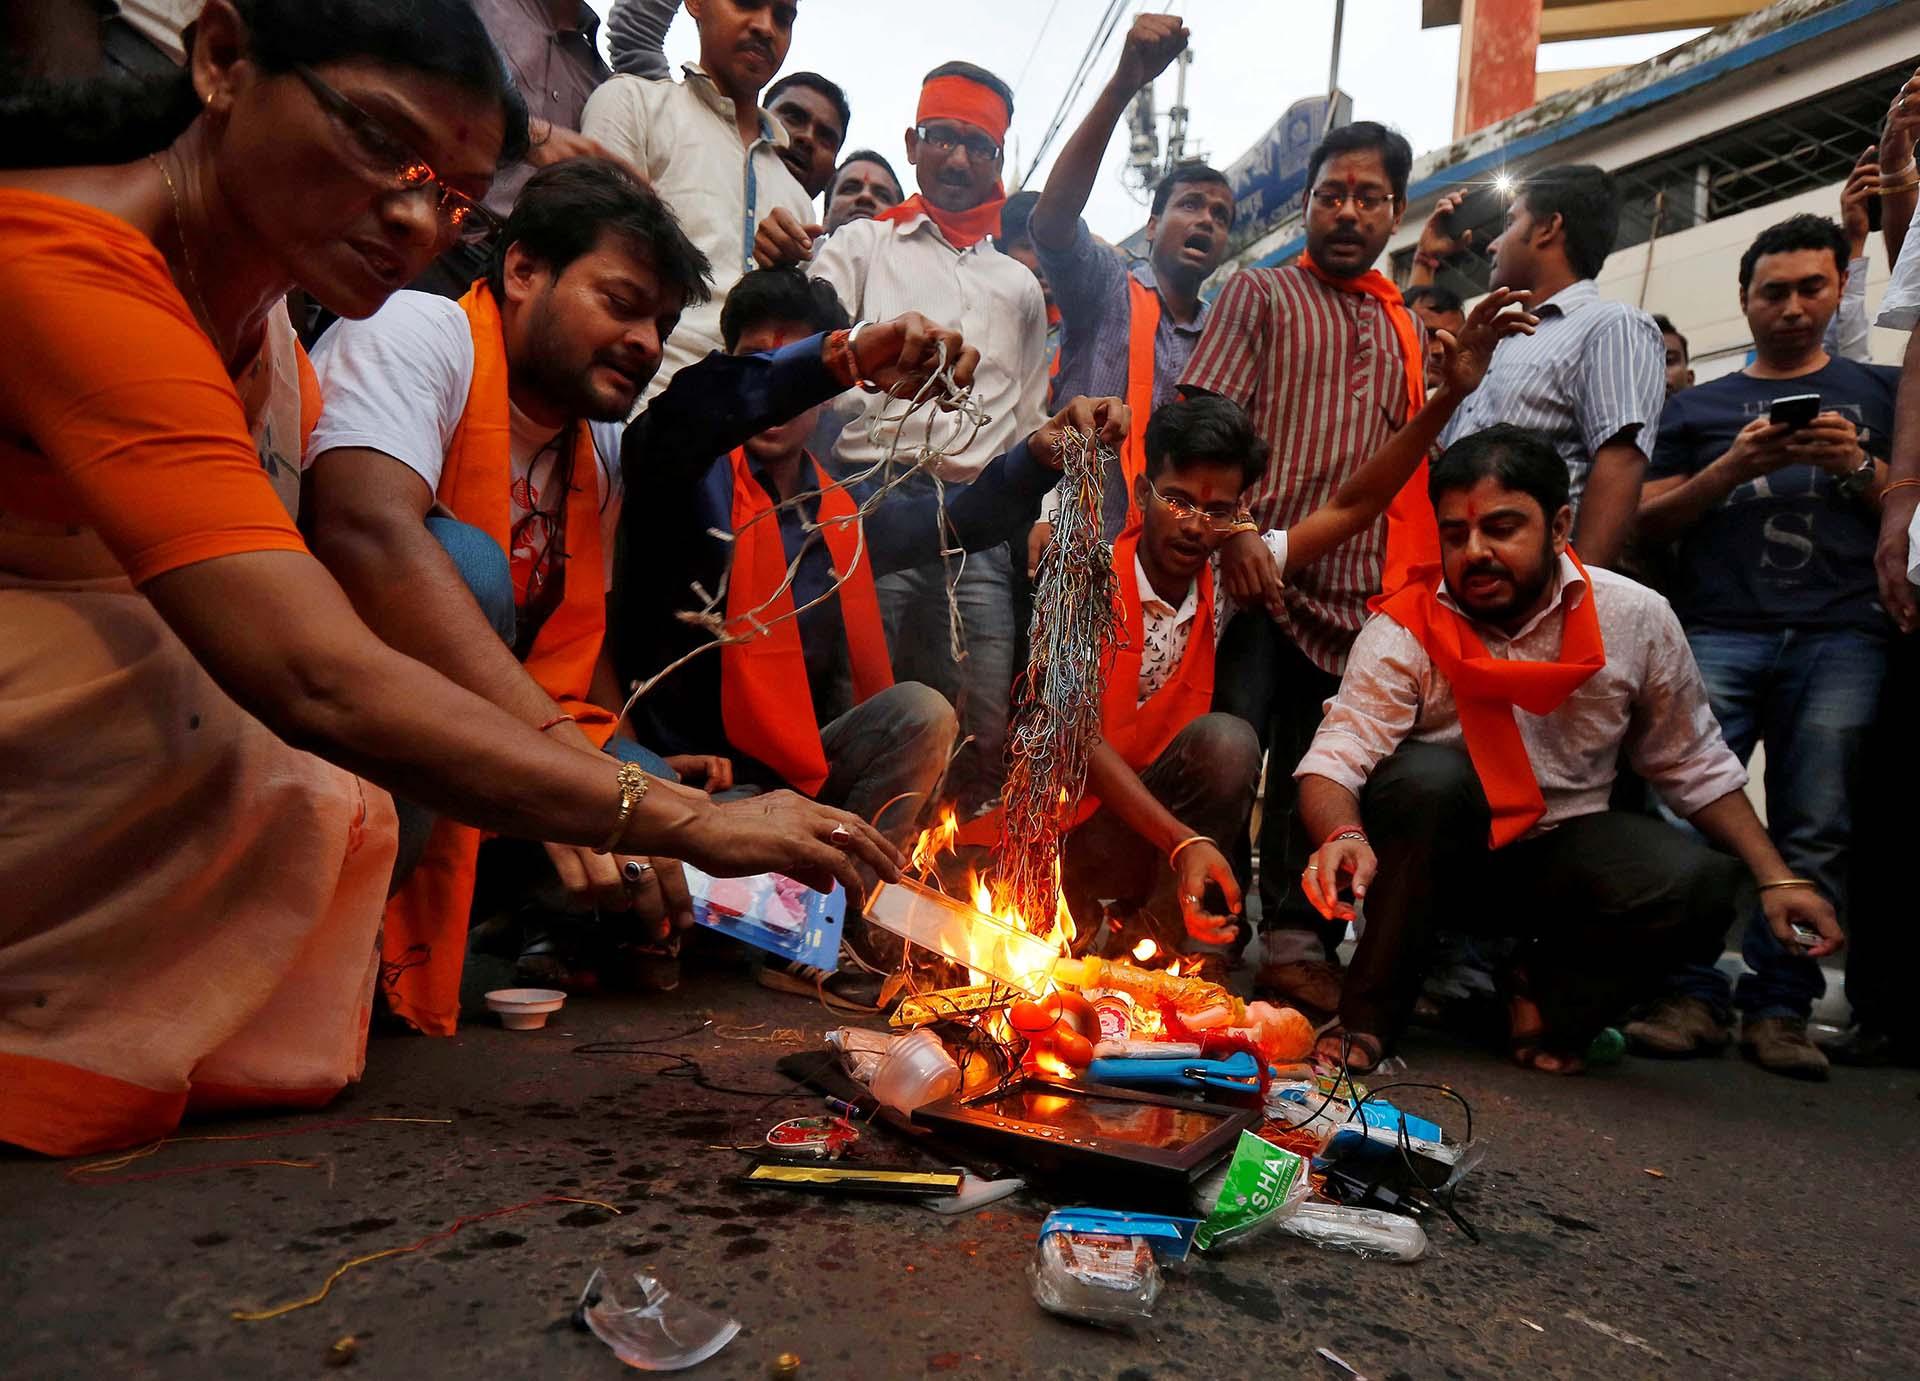 Manifestantes queman productos chinos durante una manifestación organizada por los activistas de Bajrang Dal, un grupo hindú de línea dura, que exigen el boicot de productos chinos, en Kolkata, India